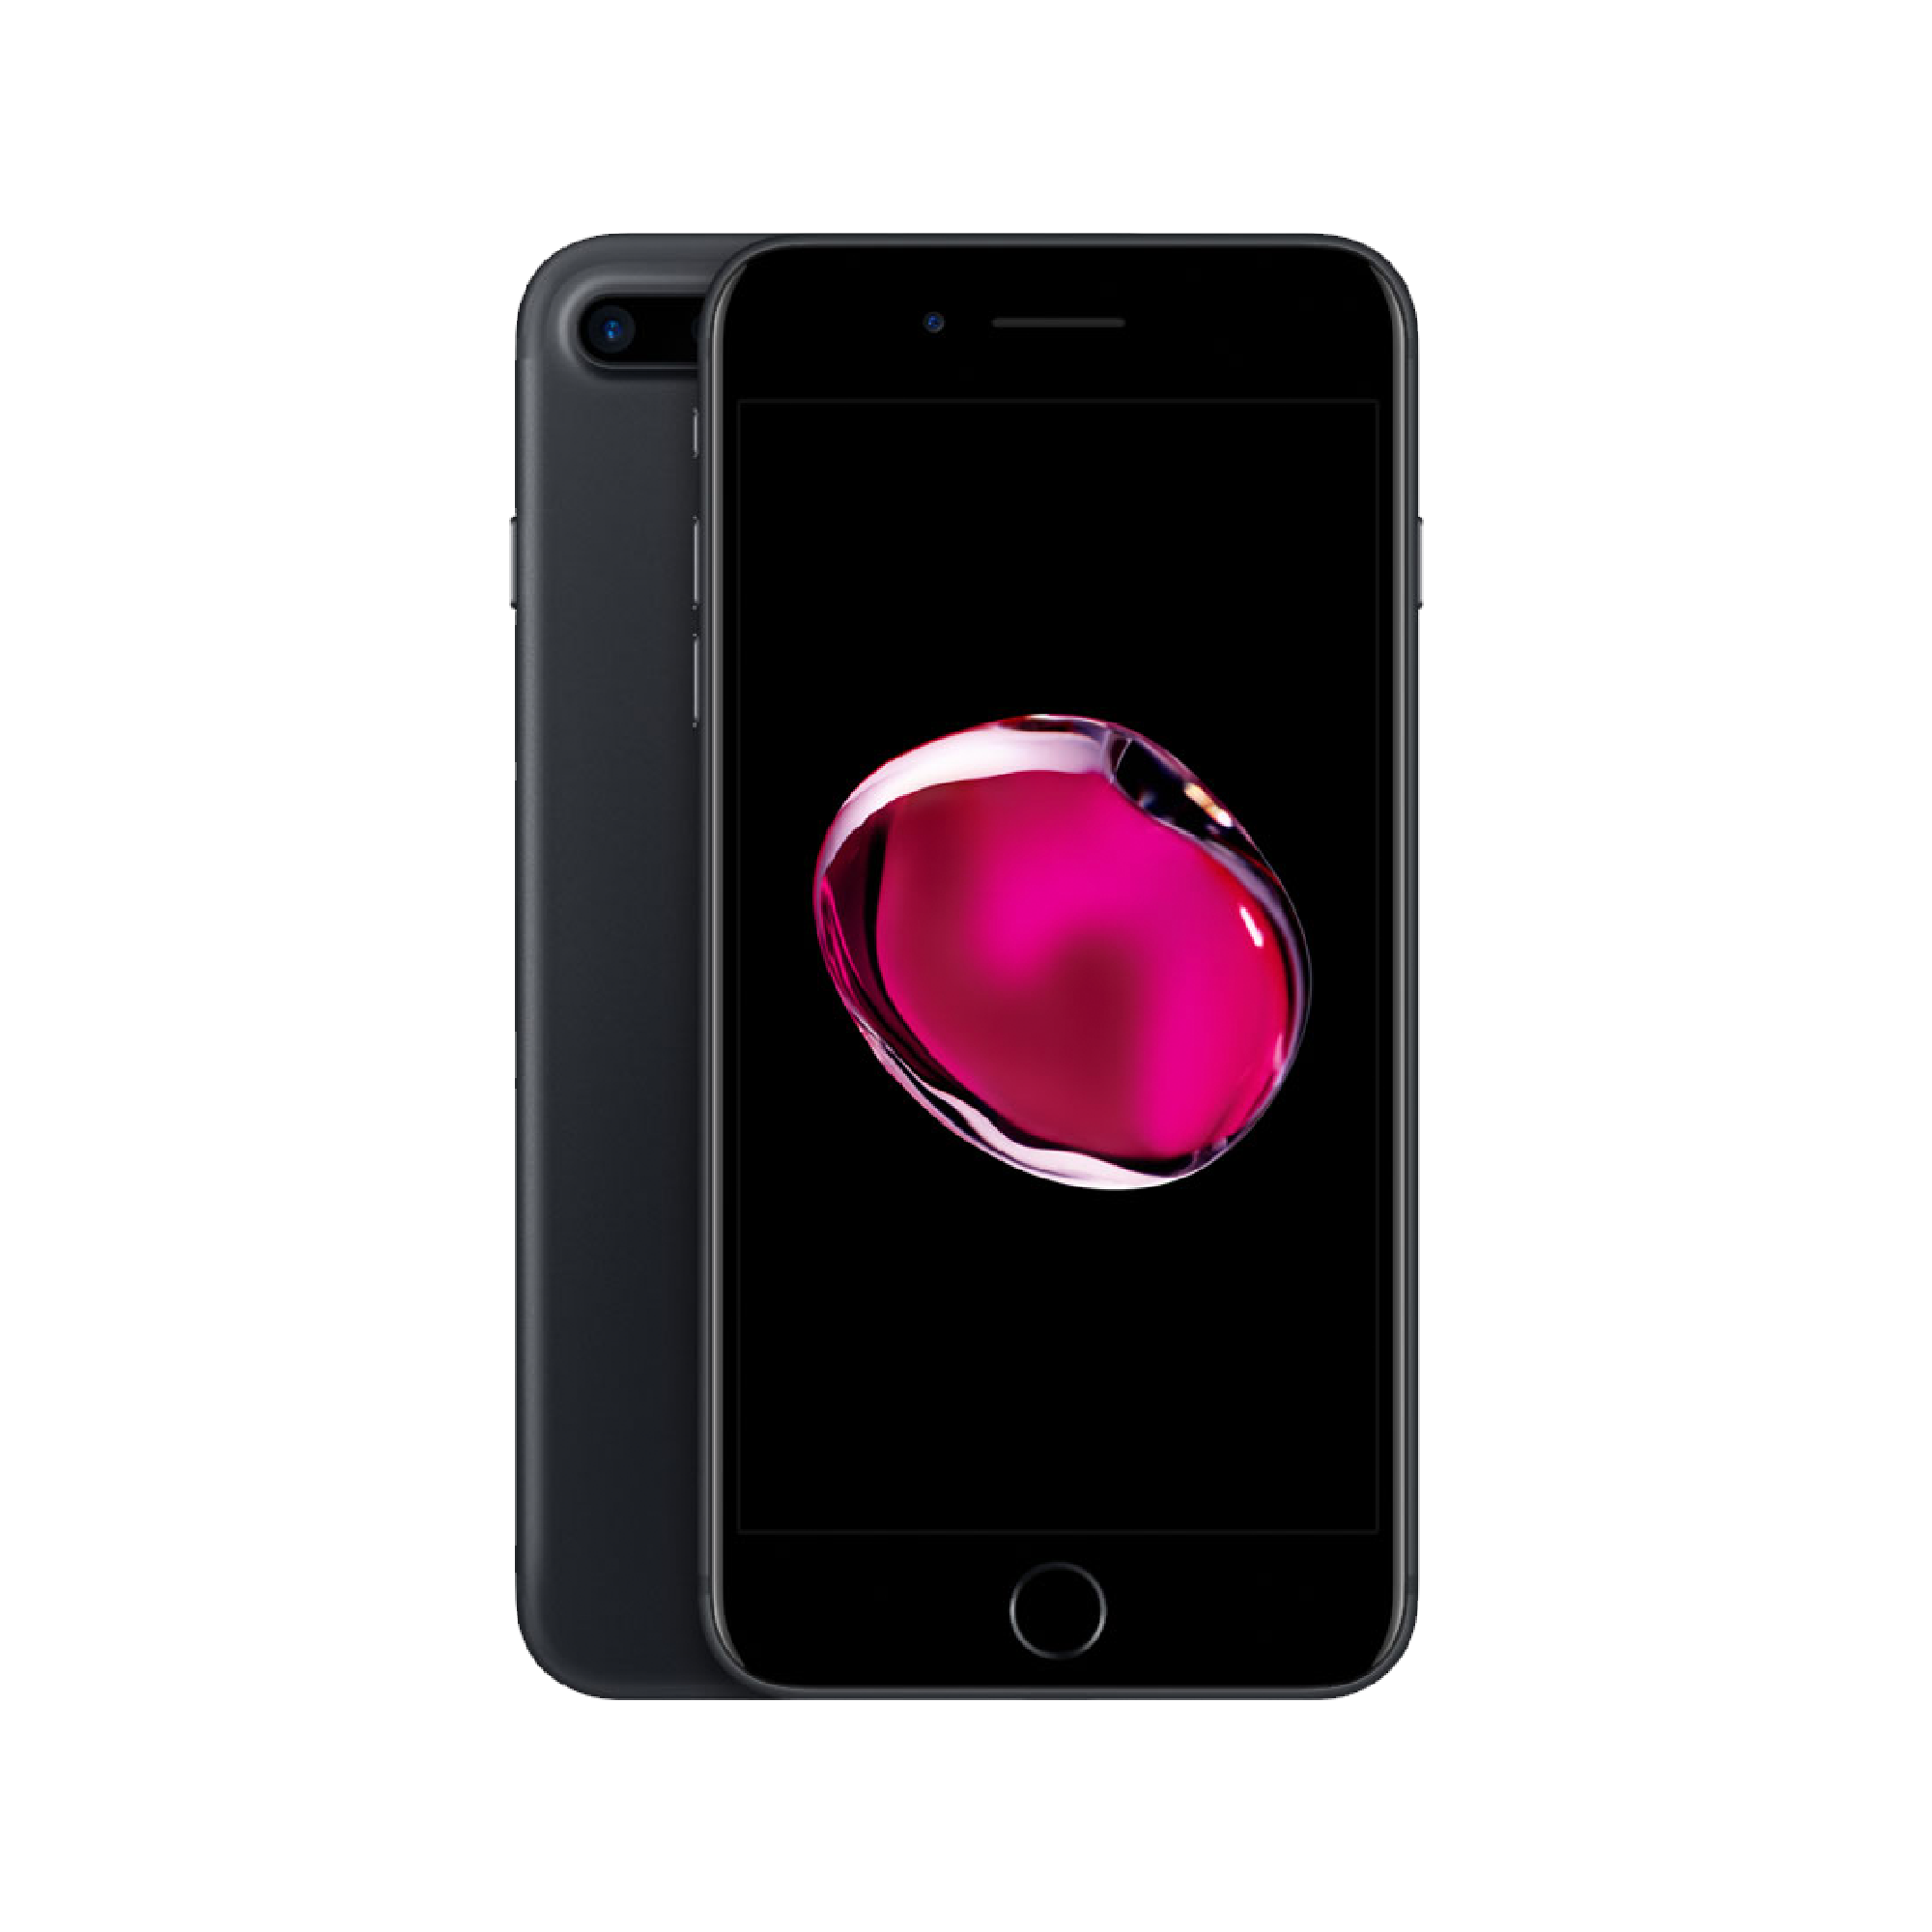 iPhone 7+ | $125 + tax